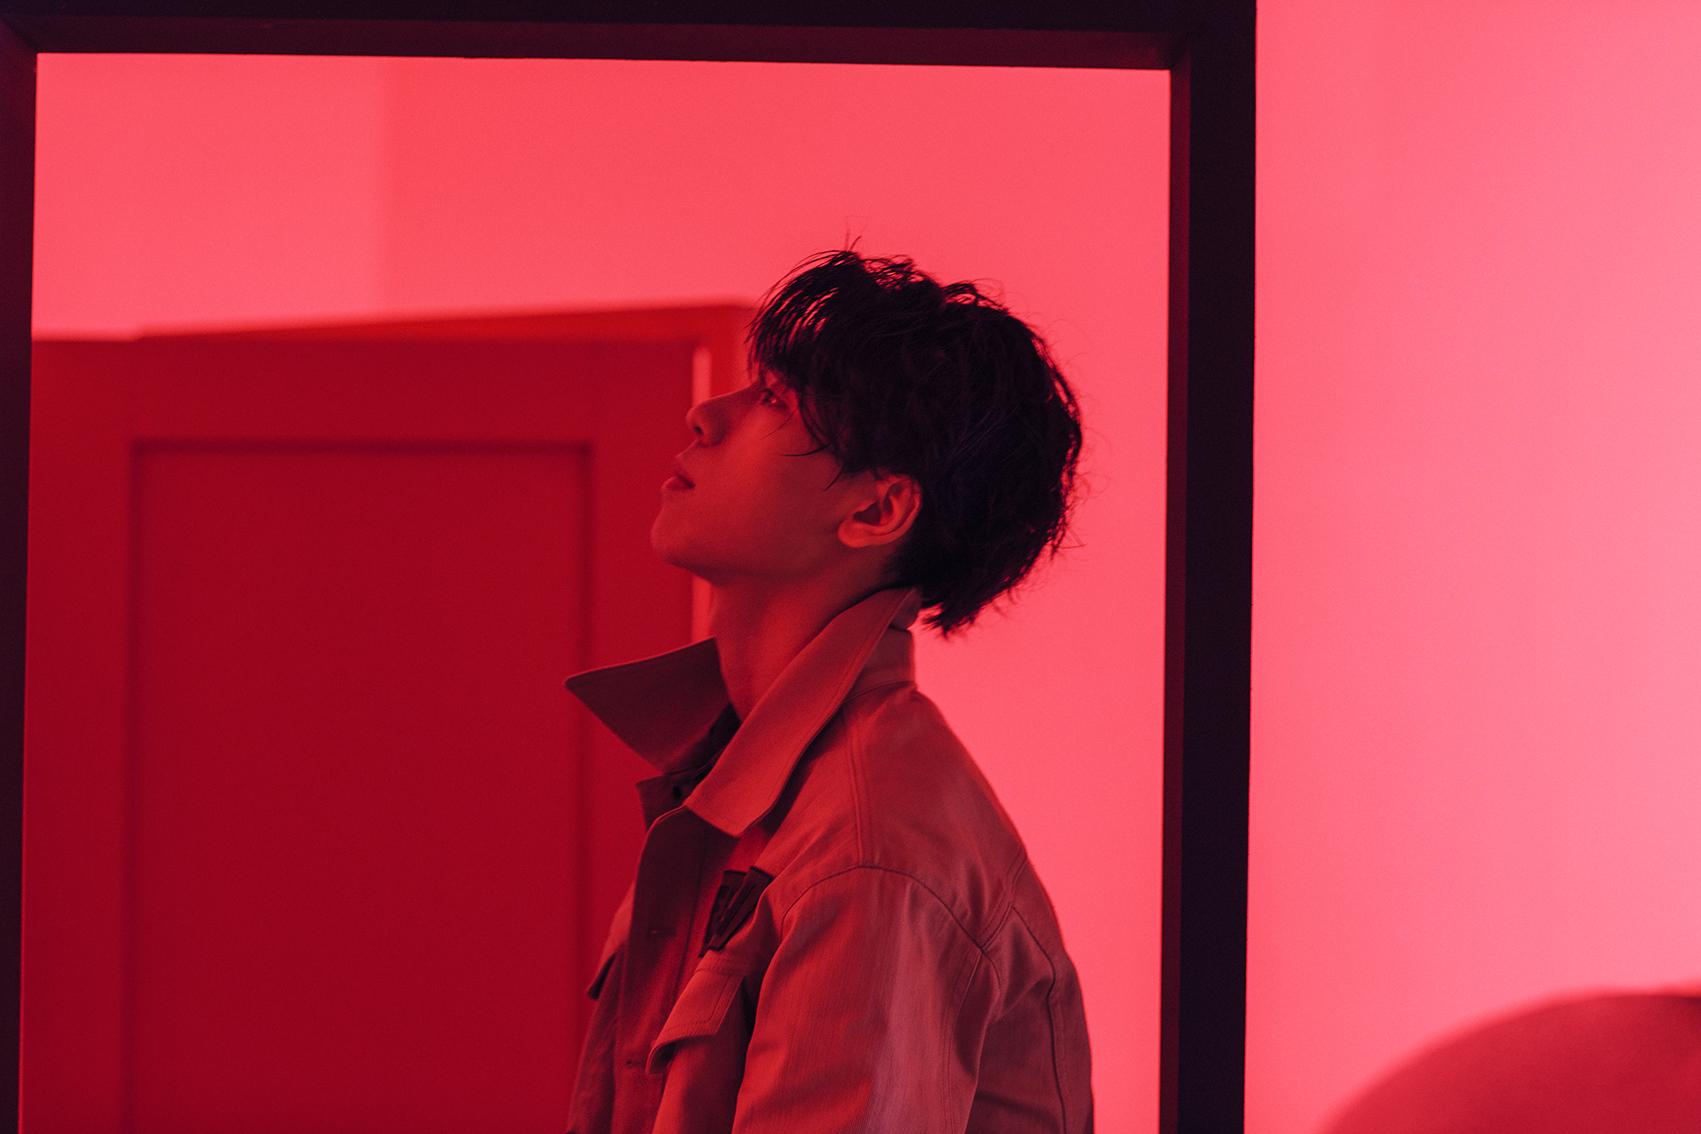 王子异新歌《AMH》销量榜持续第一 制作团队大咖云集